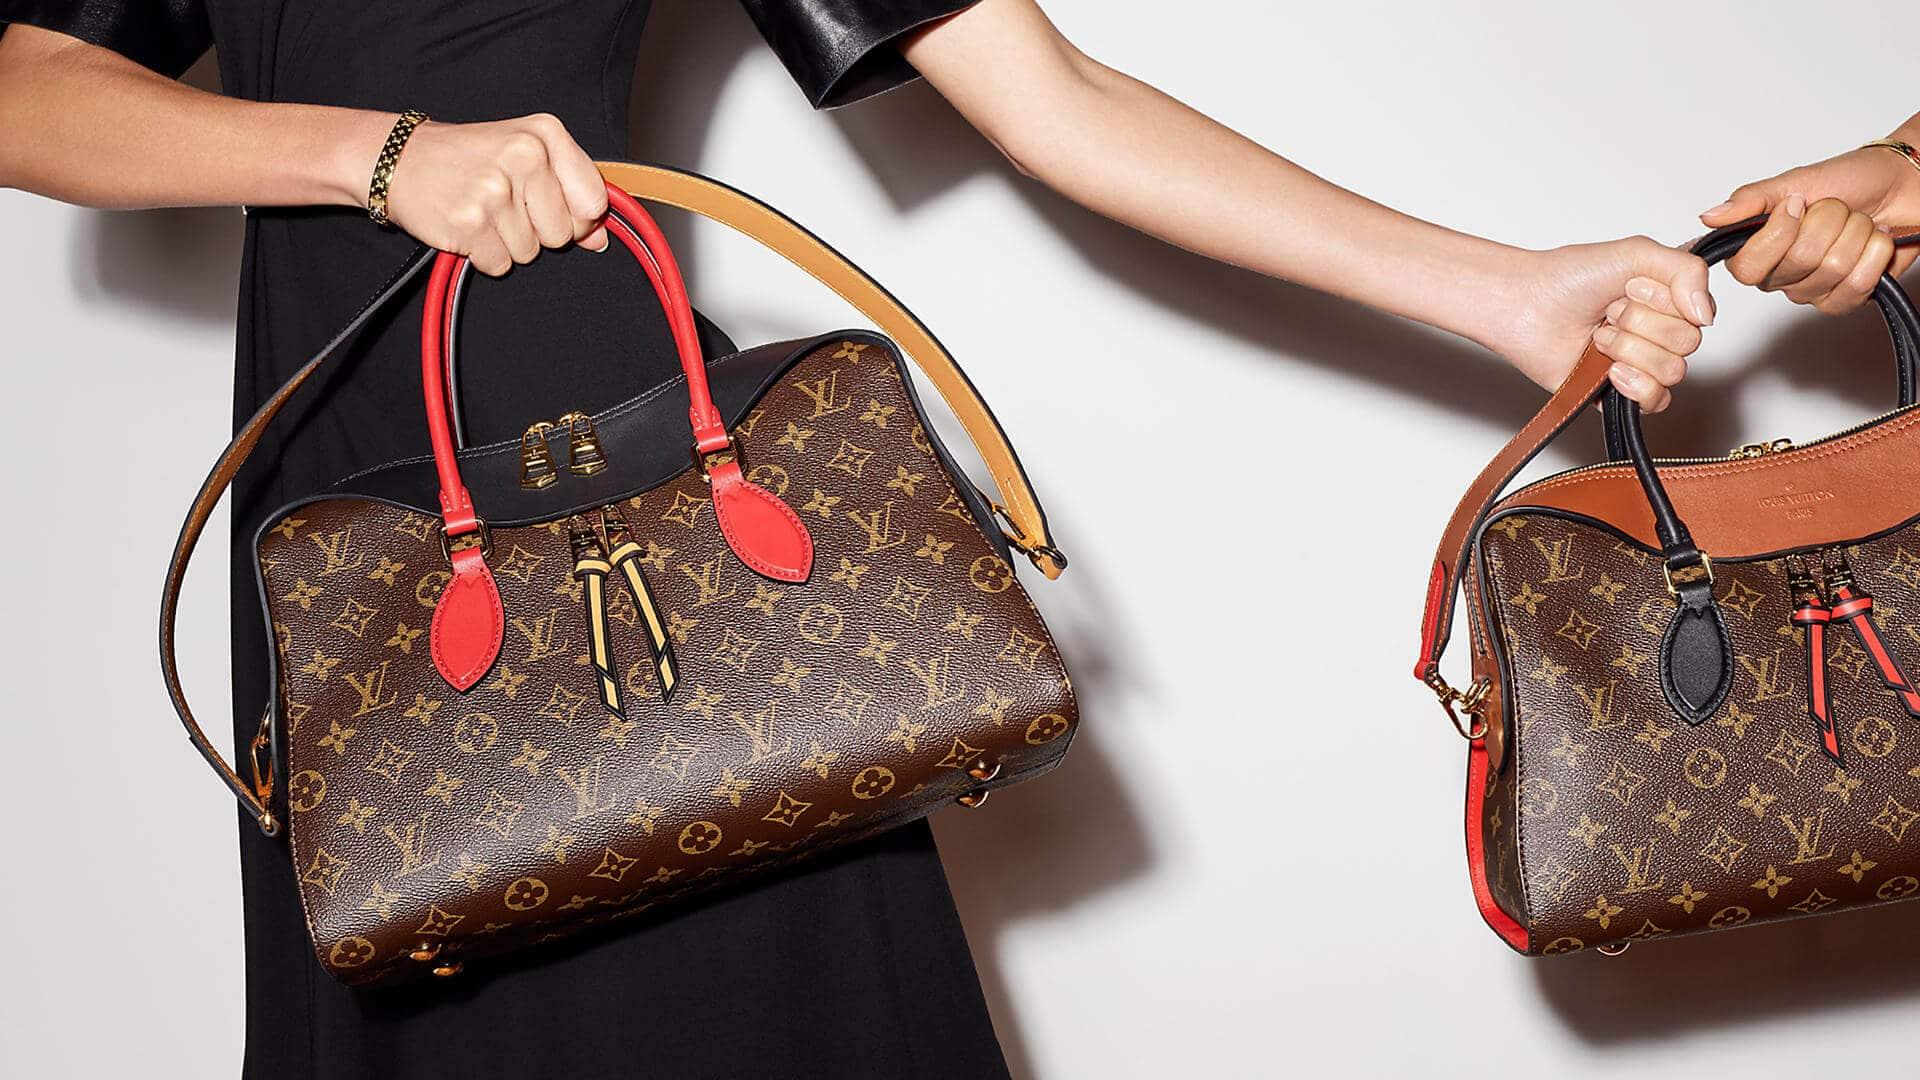 Der Die Welt Luxusleben Handtaschen Marken 10 info Teuersten CxQorBdWEe